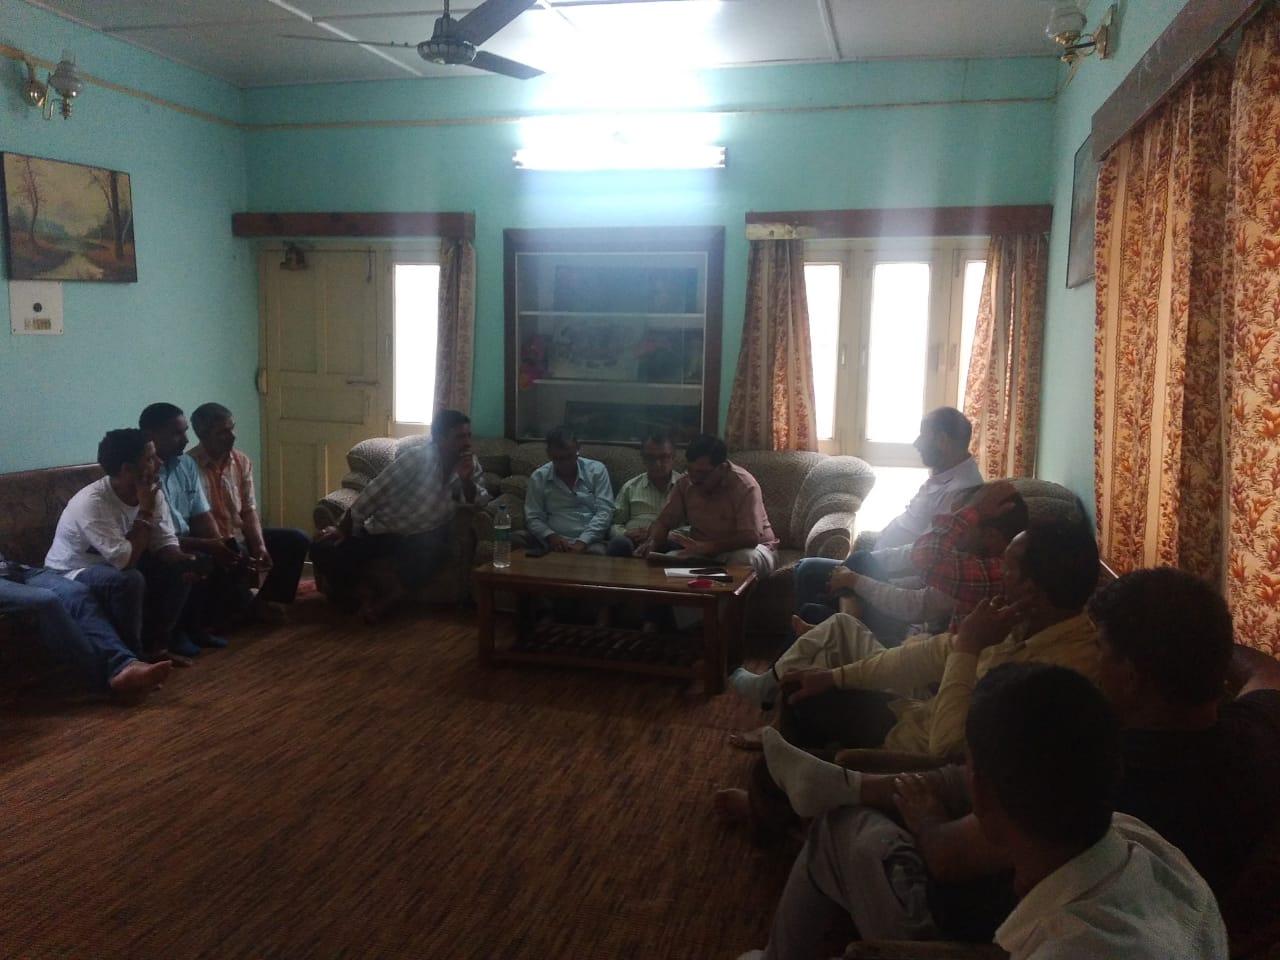 उत्तराखंड : विकासखंड जौनपुर के तहसील नैनबाग के अंतर्गत सस्ता गल्ला विक्रेताओं की अपनी समस्याओं को लेकर एक बैठक लोक निर्माण विभाग के गेस्ट हाउस में संपन्न हुई